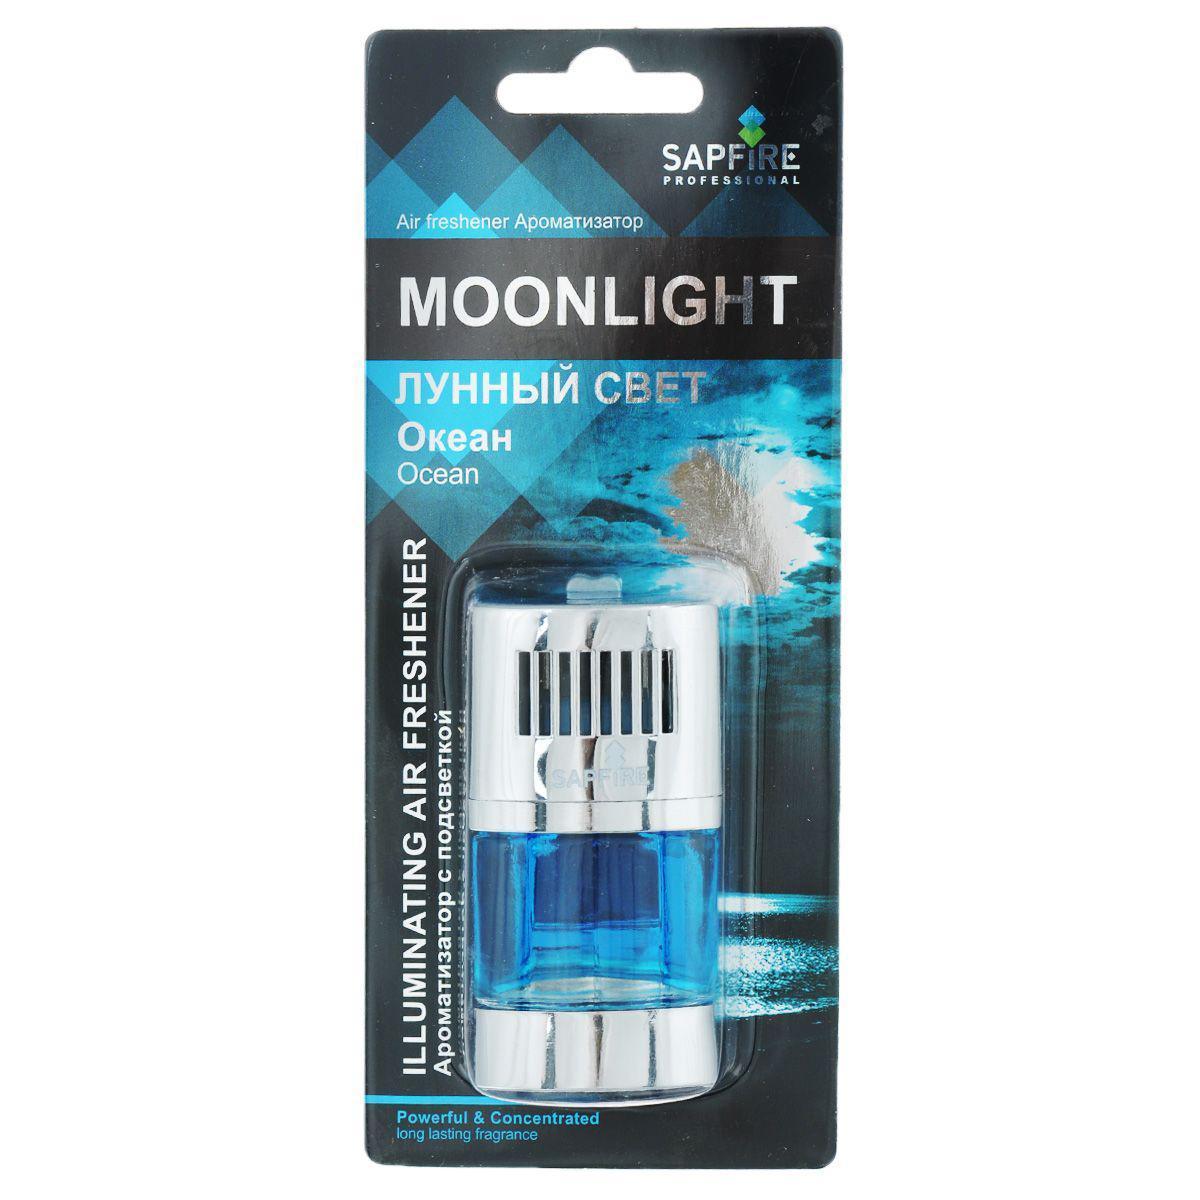 Ароматизатор с подсветкой в дефлектор Sapfire Moonlight, океан20052-SATАвтомобильный ароматизатор Sapfire Moonlight имеет приятный аромат. Ароматизатор, выполненный из пластика и стекла, вставляется в дефлектор машины. Подсветка работает от батарейки CR2032H (3V). Для включения подсветки необходимо перевести выключатель в положение вкл. Регулятор на крышке позволяет изменить интенсивность аромата. Moonlight - новое поколение концентрированных ароматизаторов. Парфюмерная композиция произведена в Японии. Обеспечивает стойкий насыщенный аромат и свежий запах. Состав: пластик, парфюмерная композиция высокой концентрации, стабилизатор. Размер ароматизатора: 7,5 см х 4 см х 2 см.